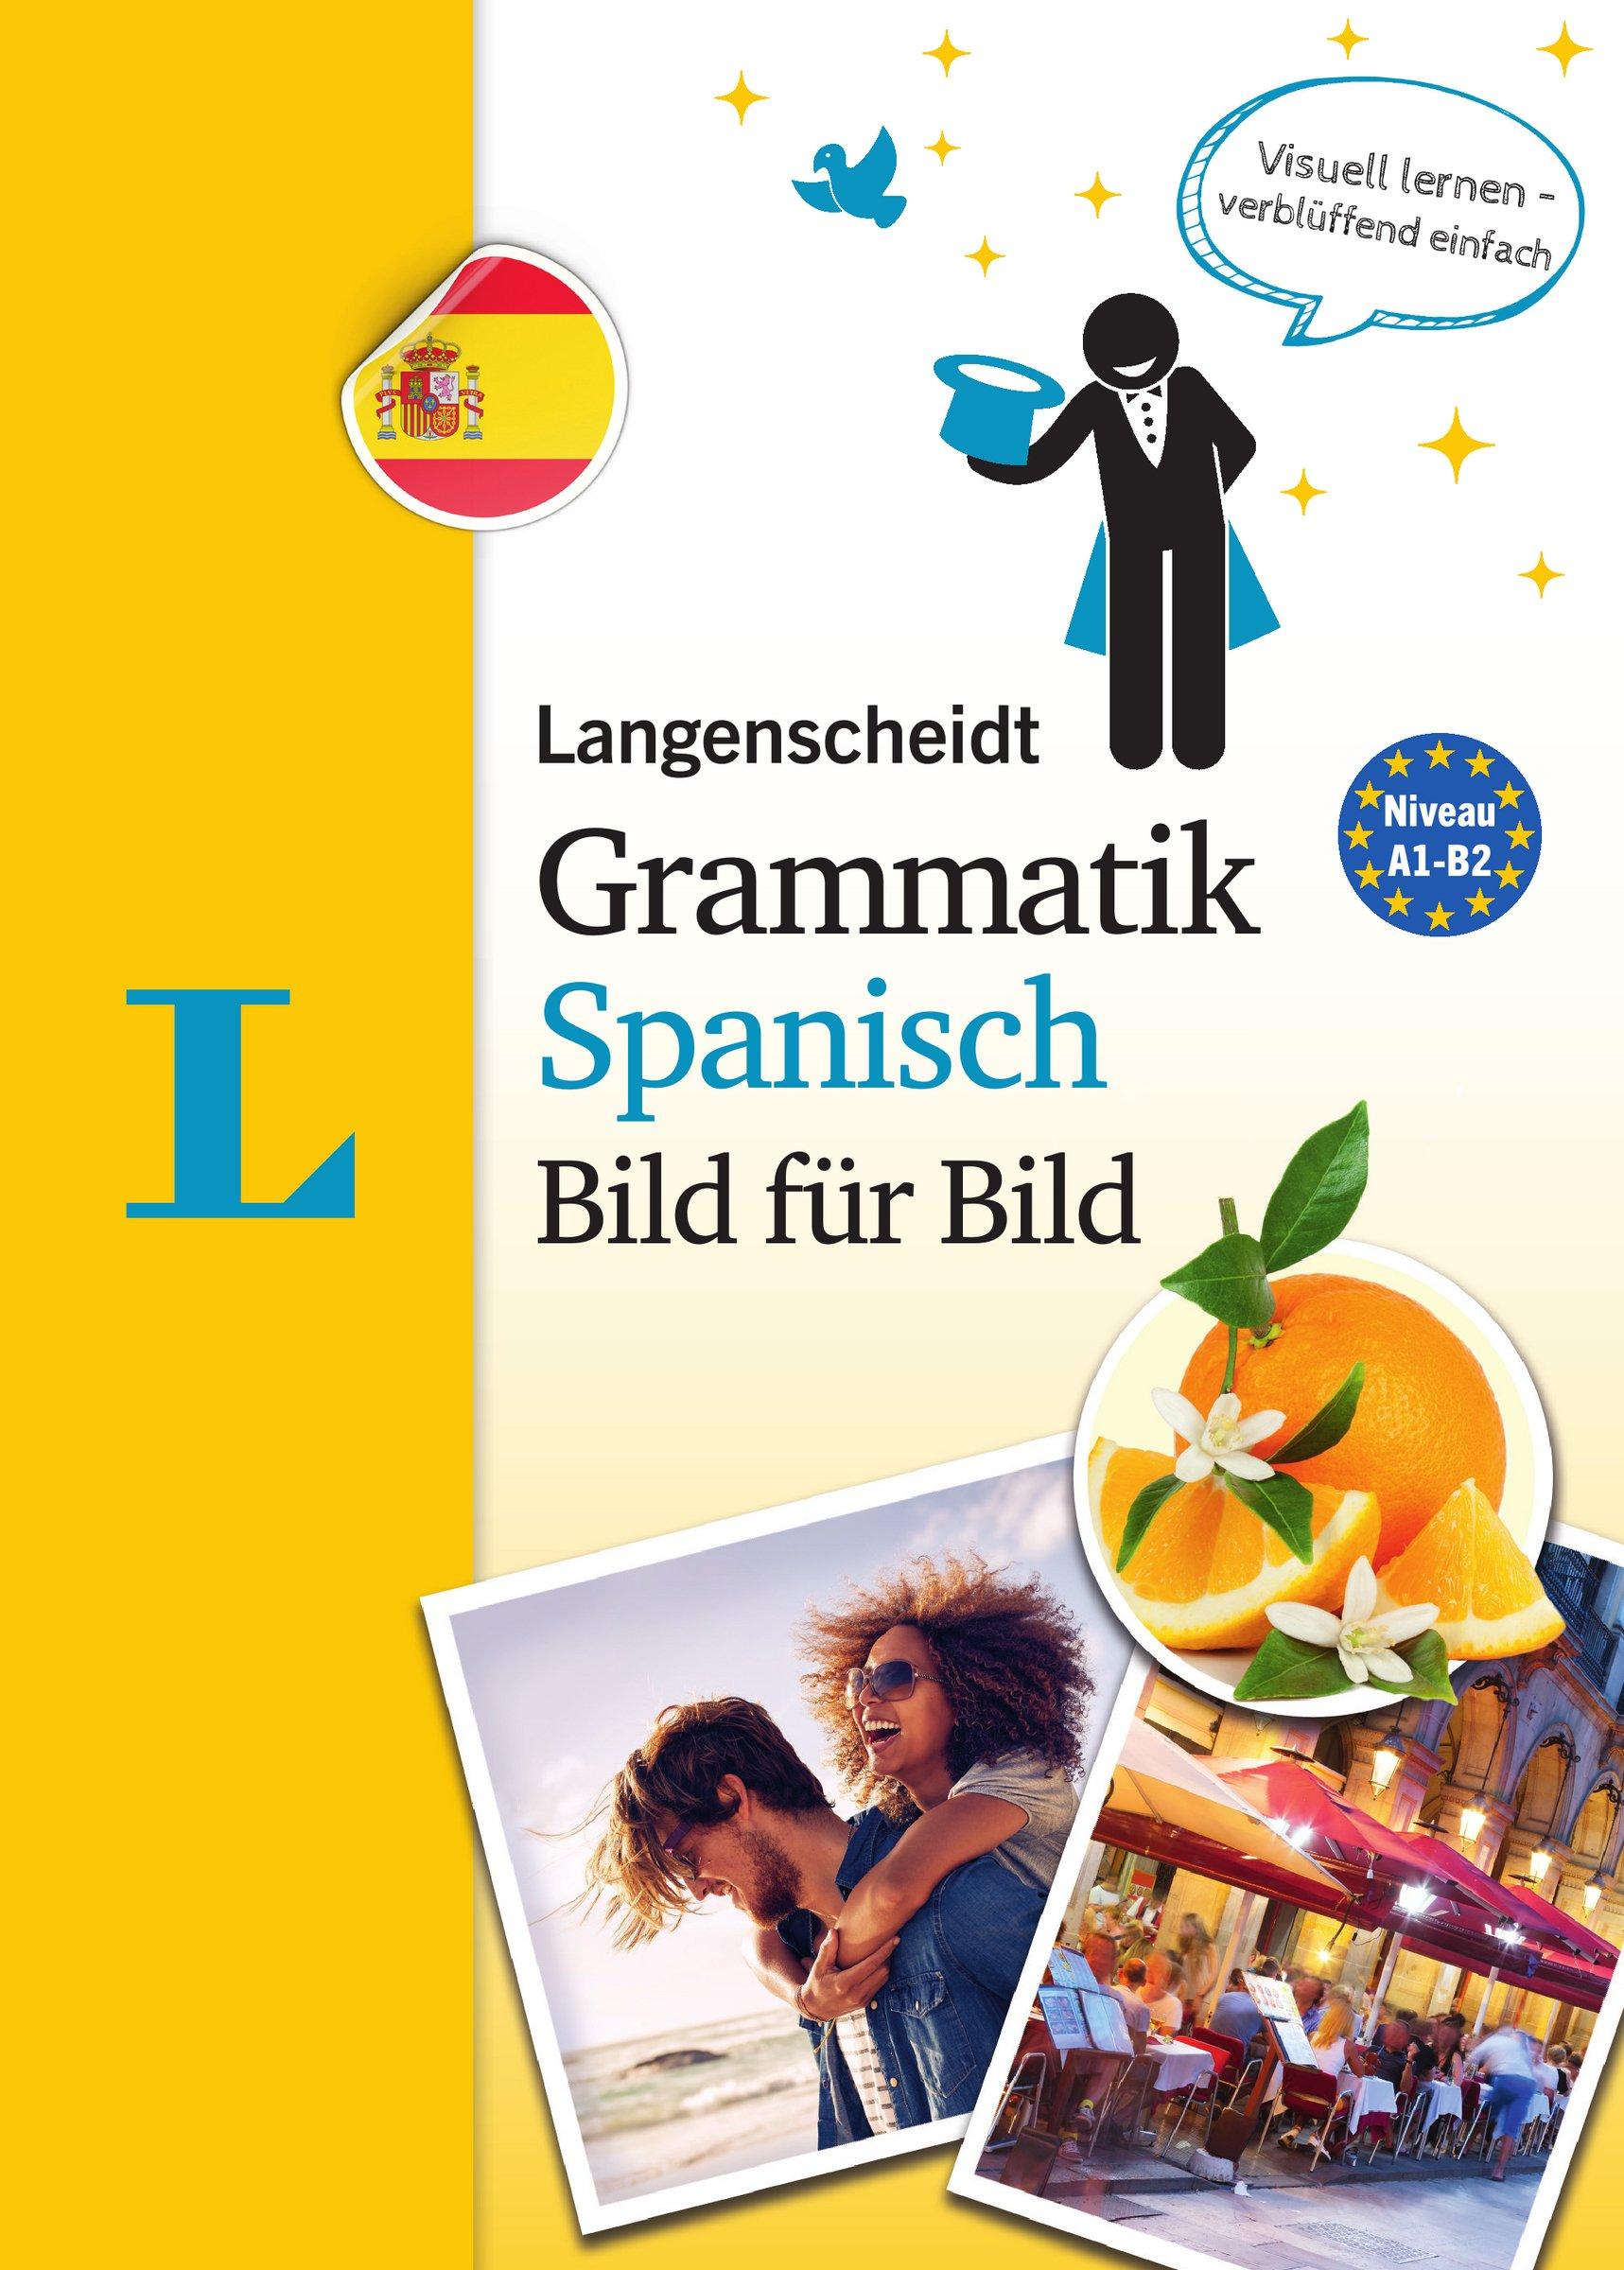 Langenscheidt Grammatik Spanisch Bild Für Bild   Die Visuelle Grammatik Für Den Leichten Einstieg  Langenscheidt Grammatik Bild Für Bild